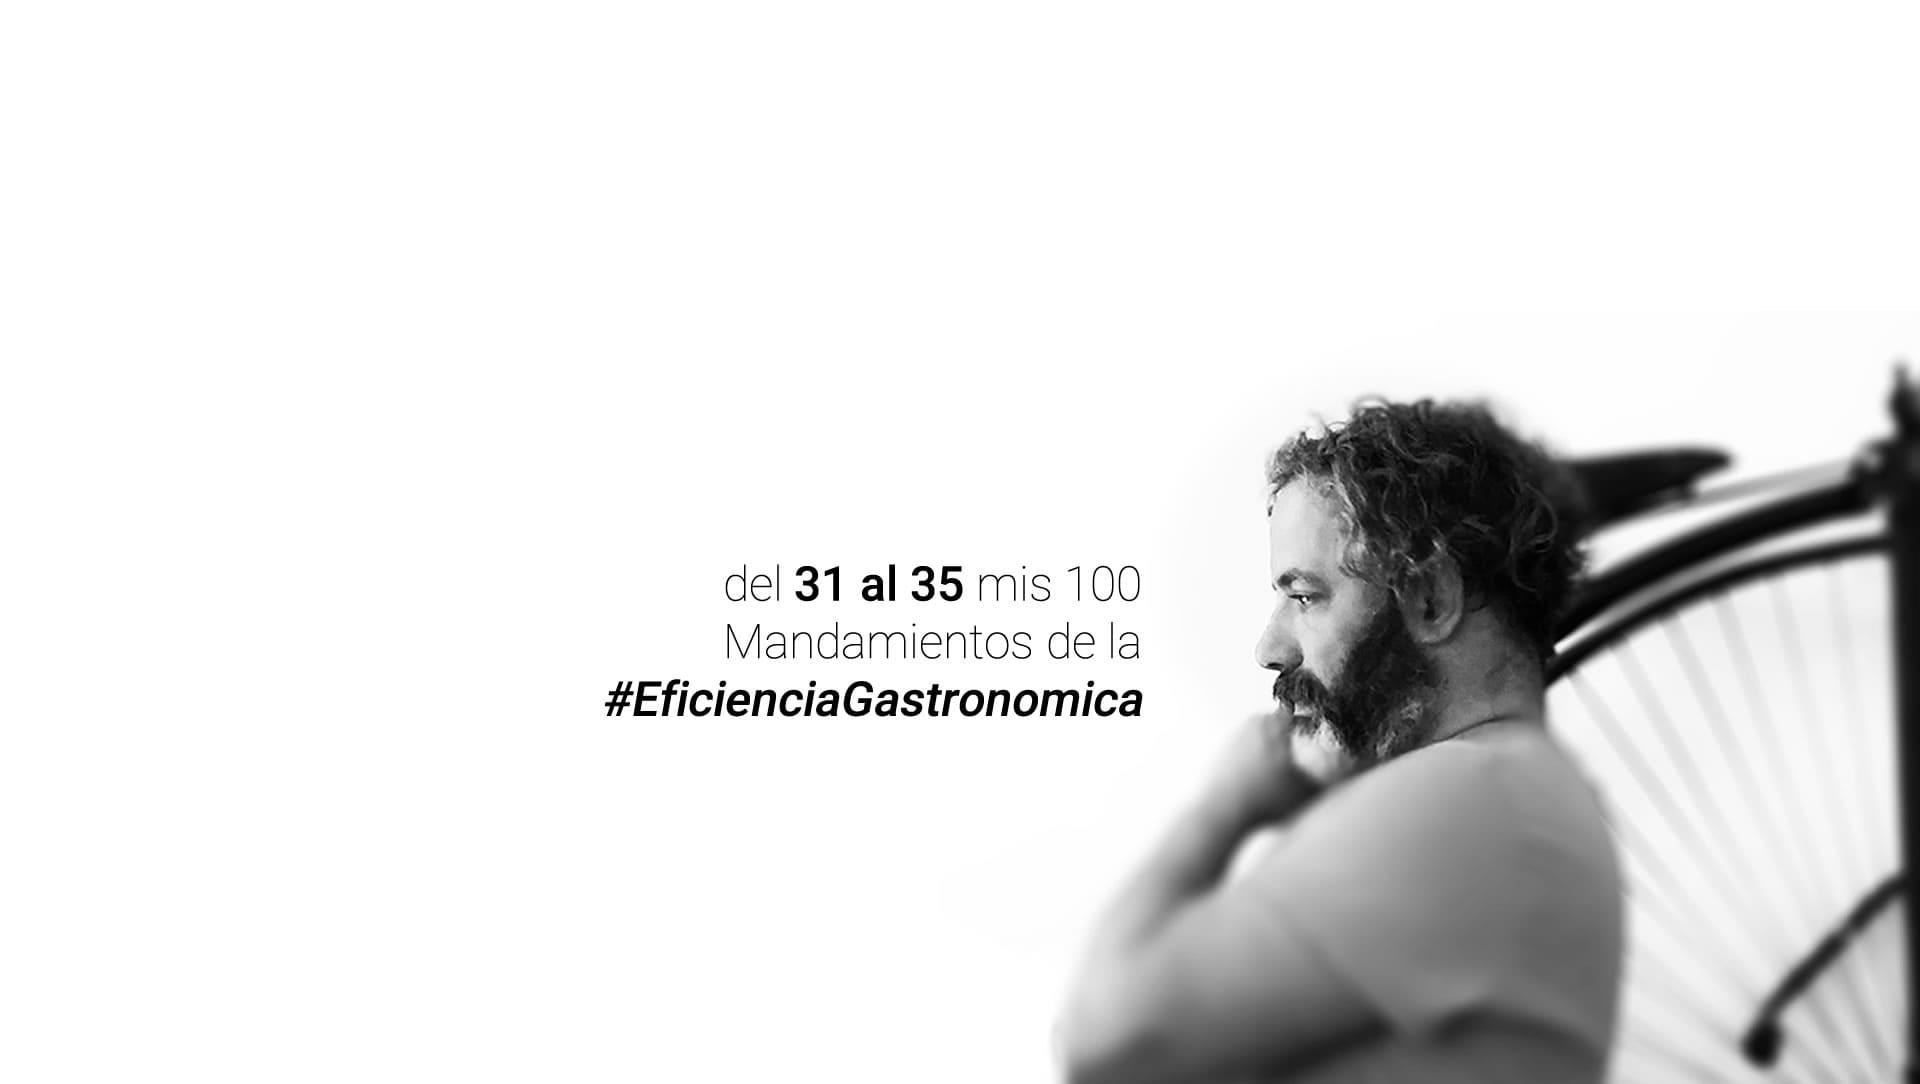 Del 31 al 35 Los Mandamientos de la Eficiencia Gastronómica